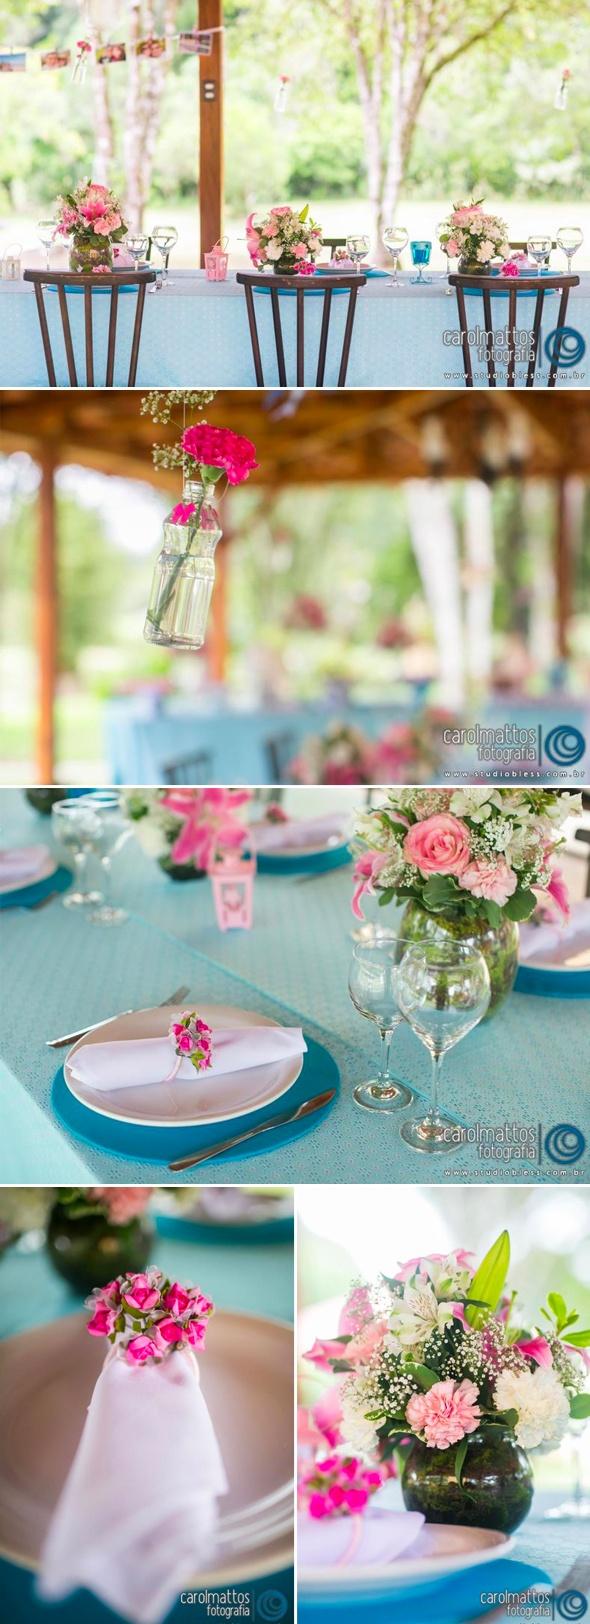 vintage pink and blue engagement party - festa de noivado rosa e azul vintage - www.lapapeteriediva.com.br